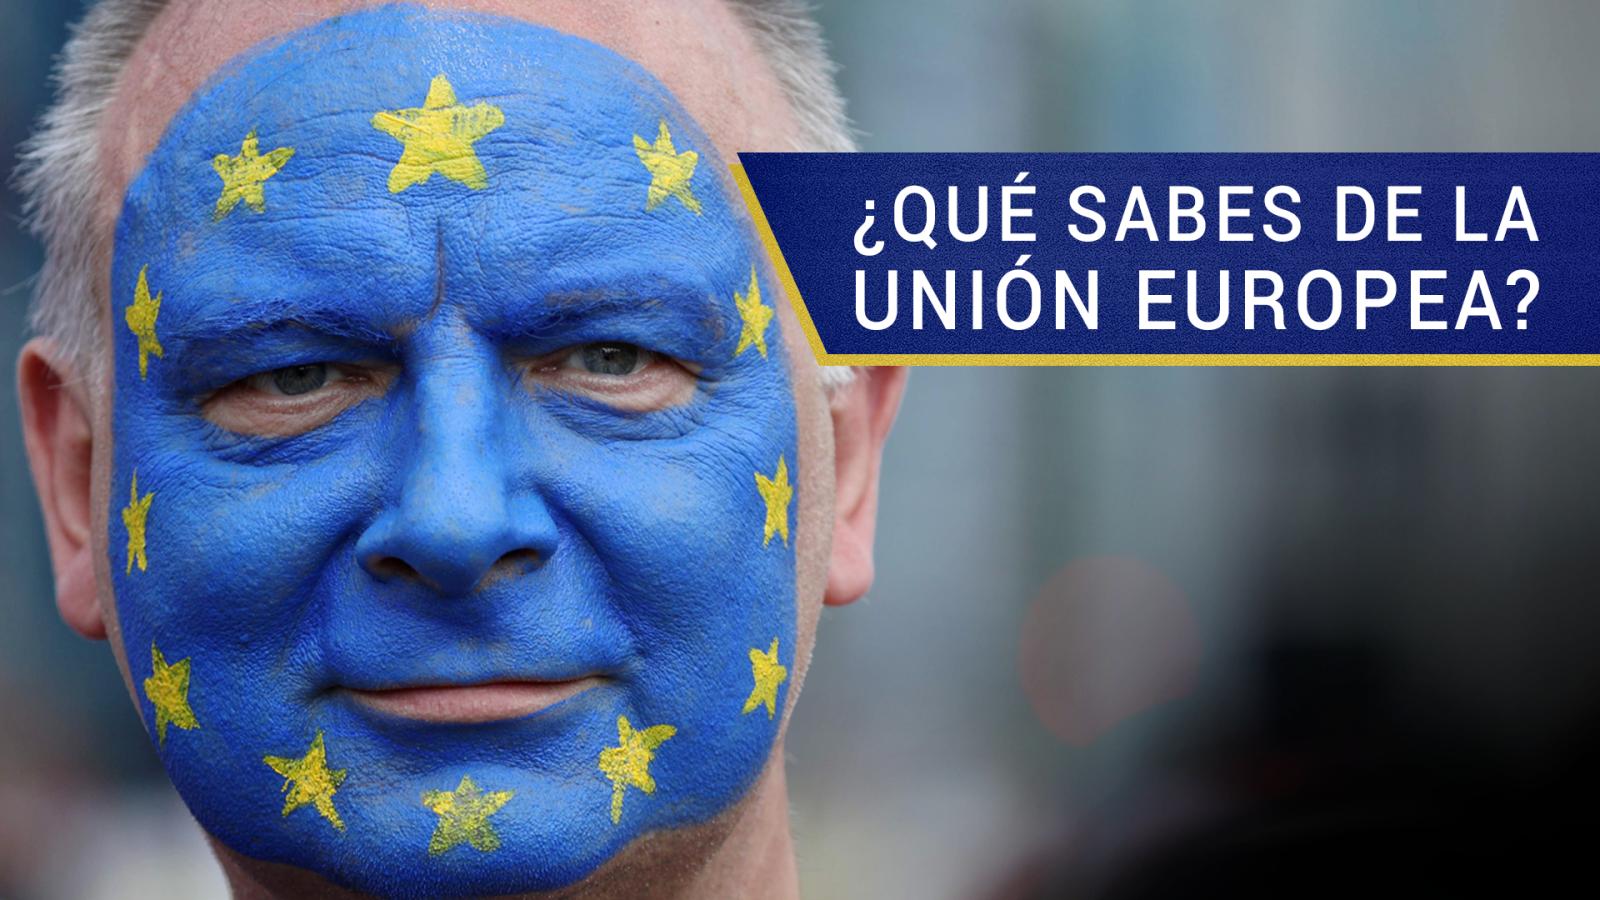 ¿Qué sabes de la Unión Europea?